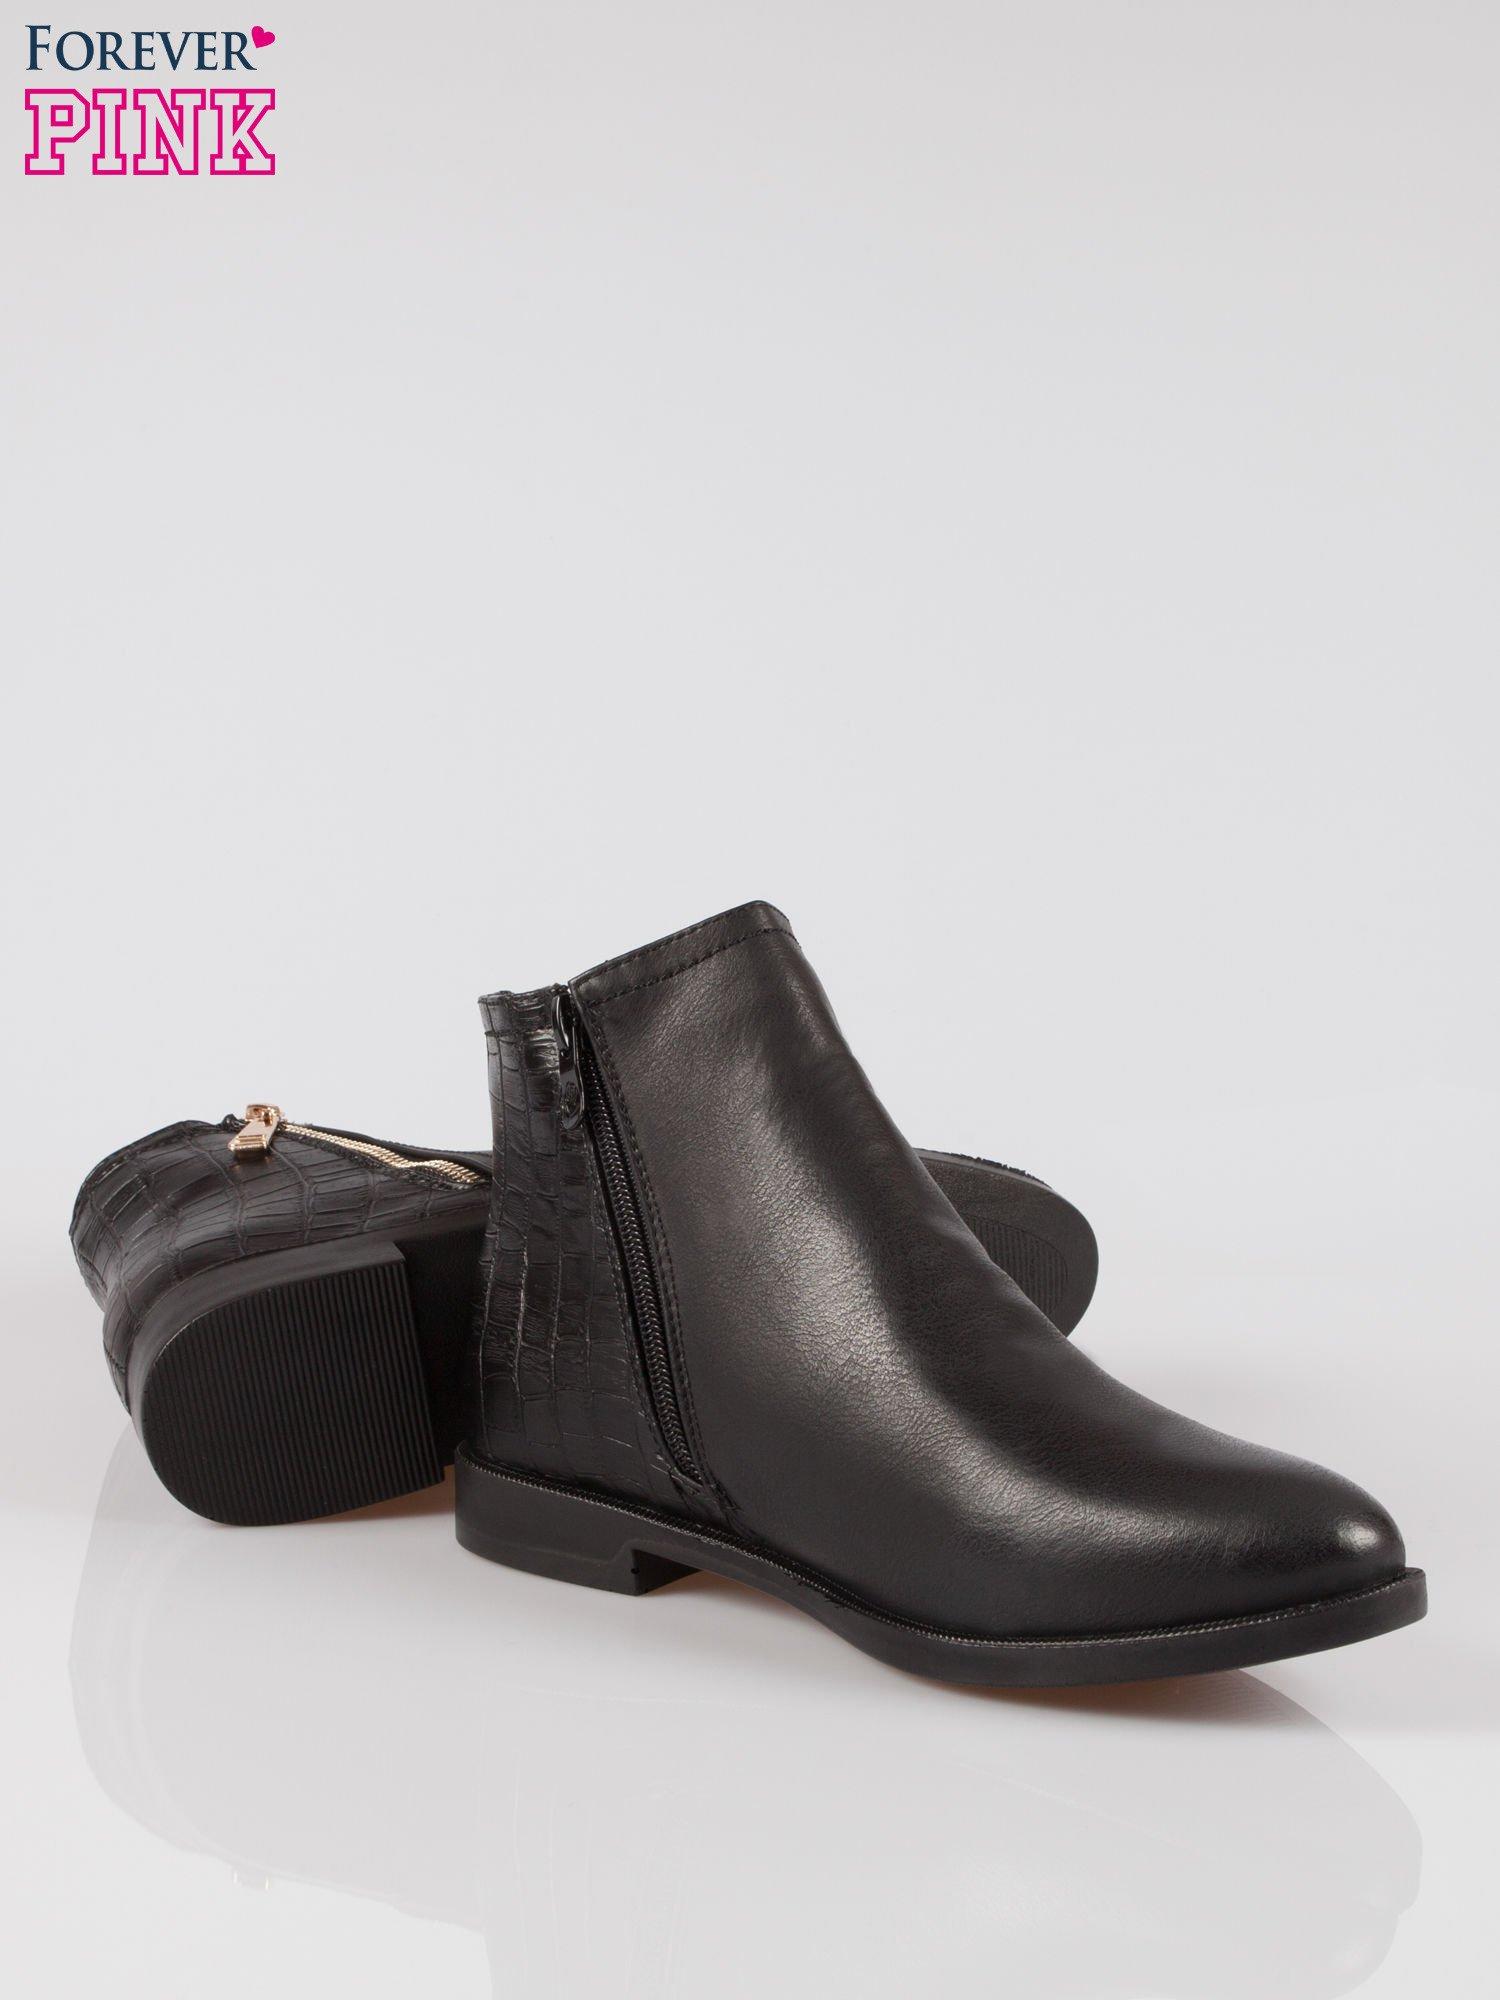 964e8797f0df9 3 · Czarne płaskie botki ze złotym suwakiem i tyłem ze skóry krokodyla ...